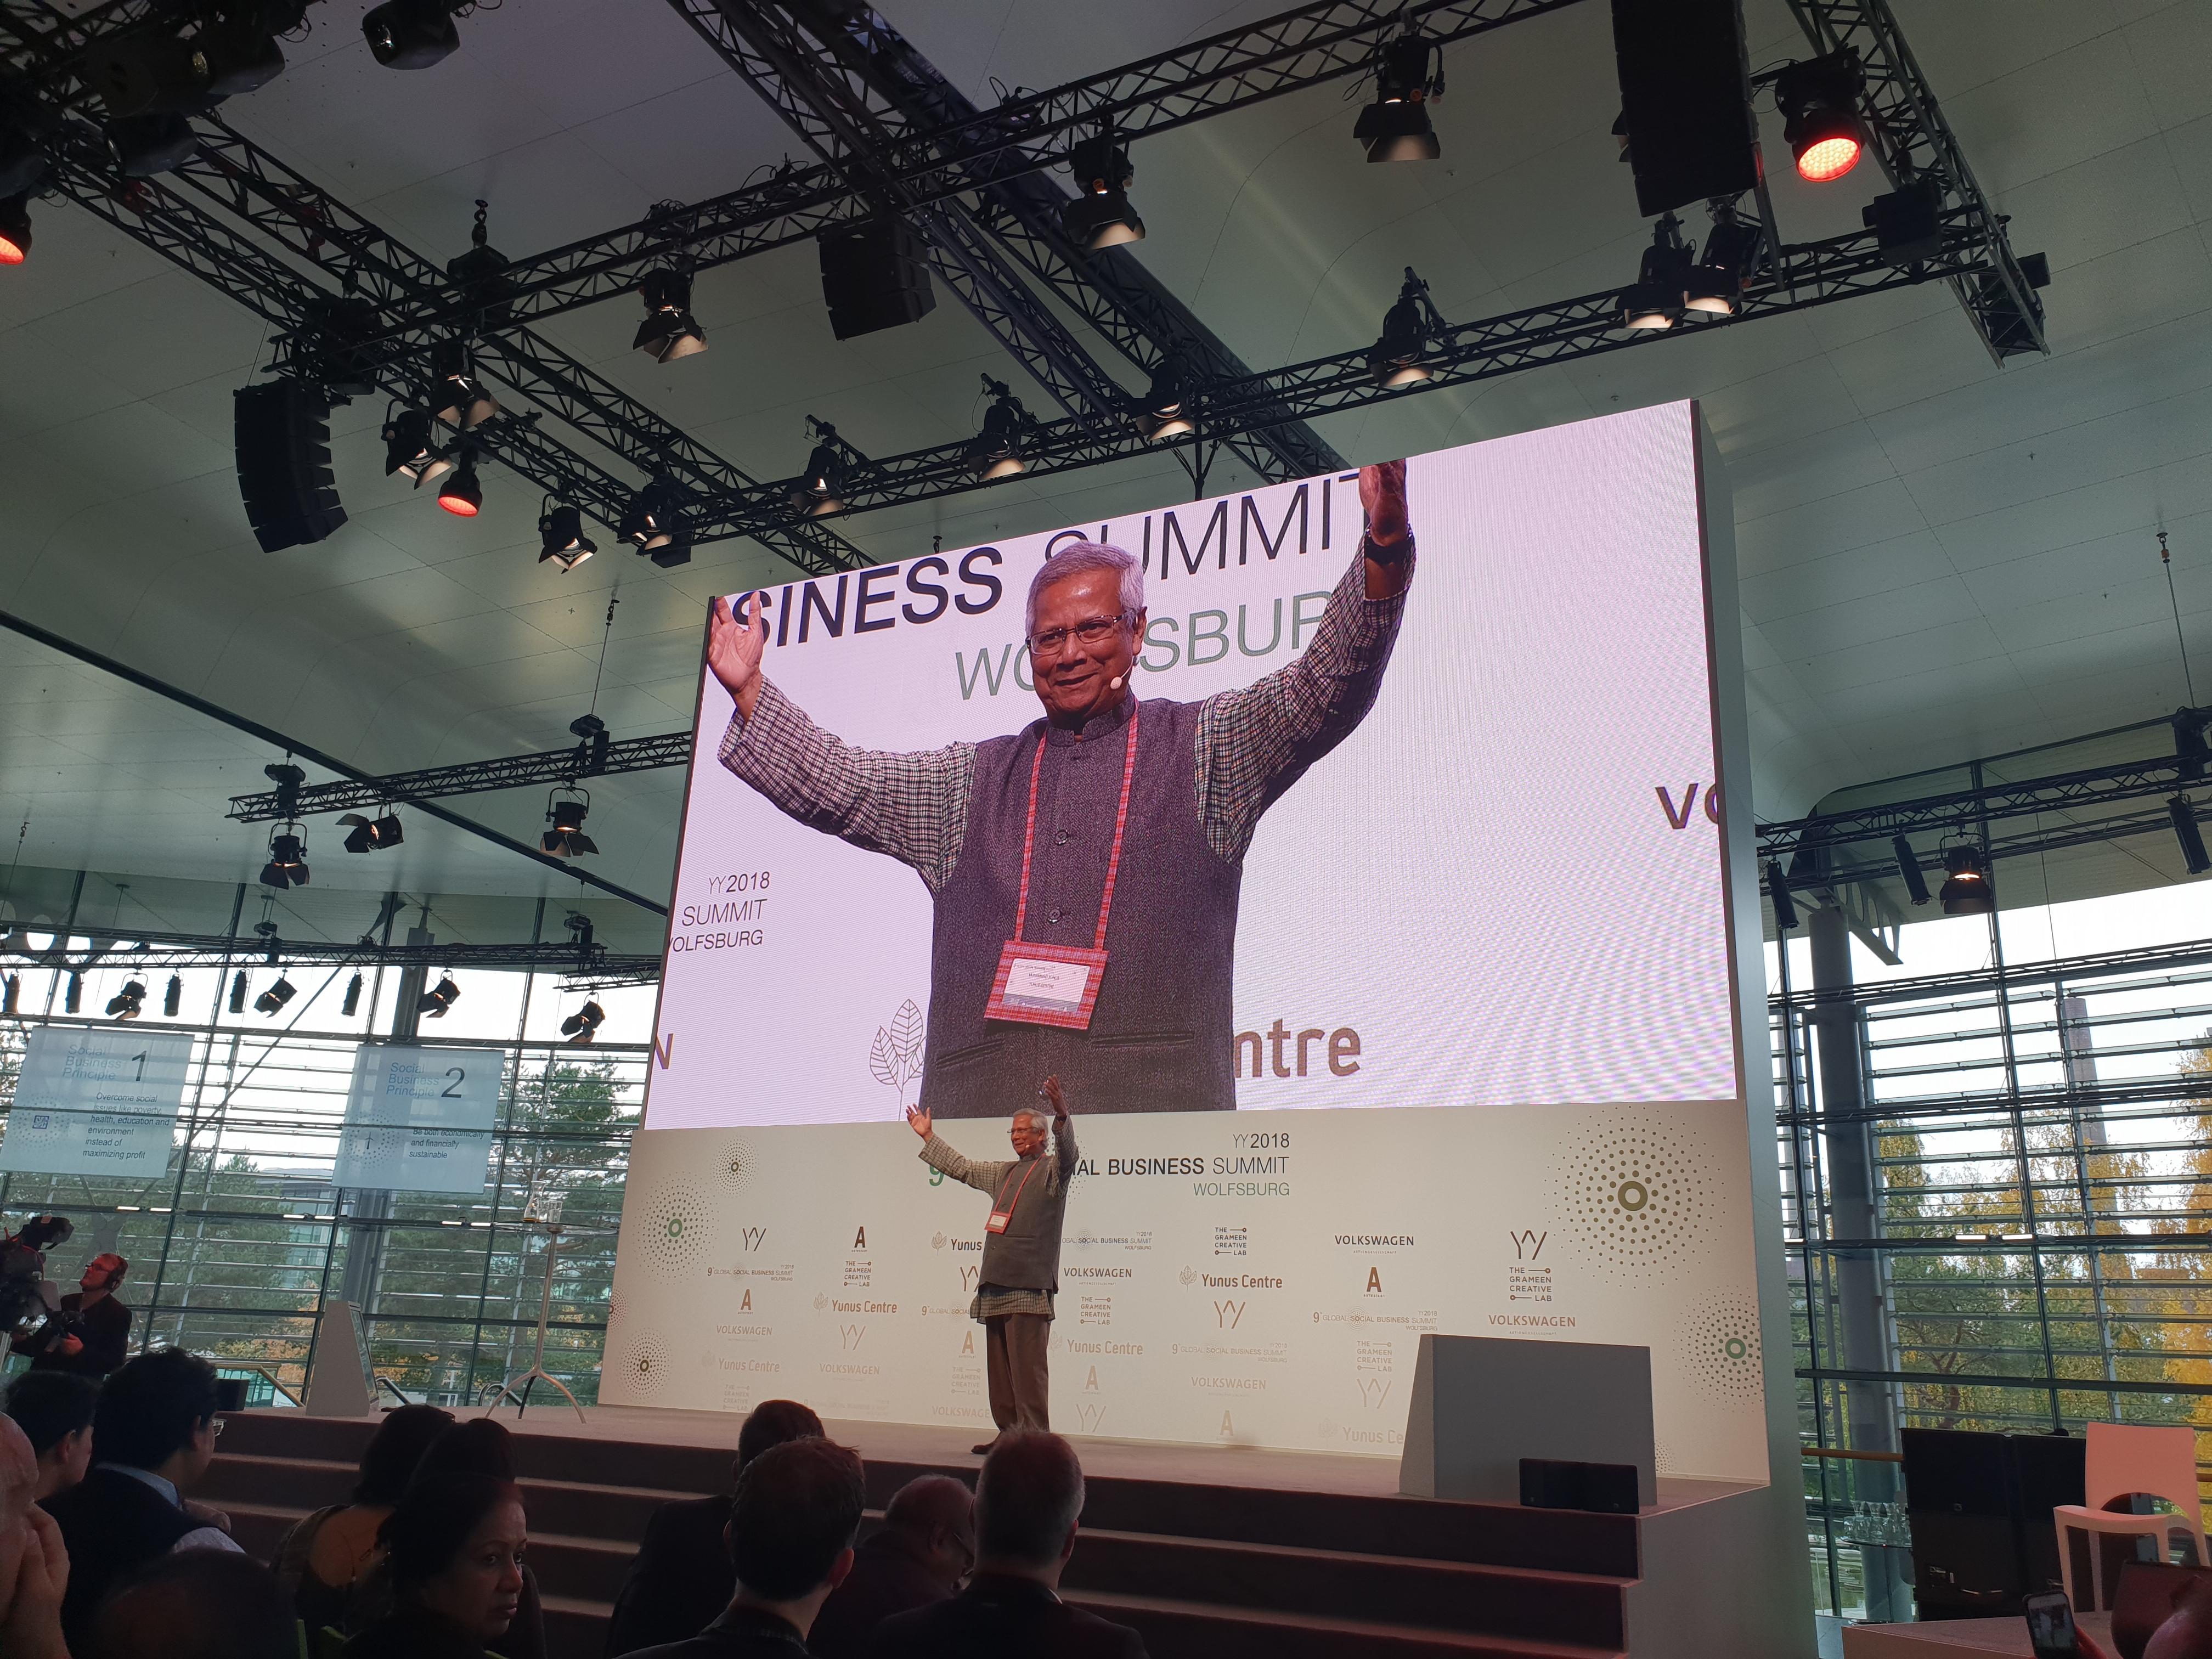 Yunus sul palco